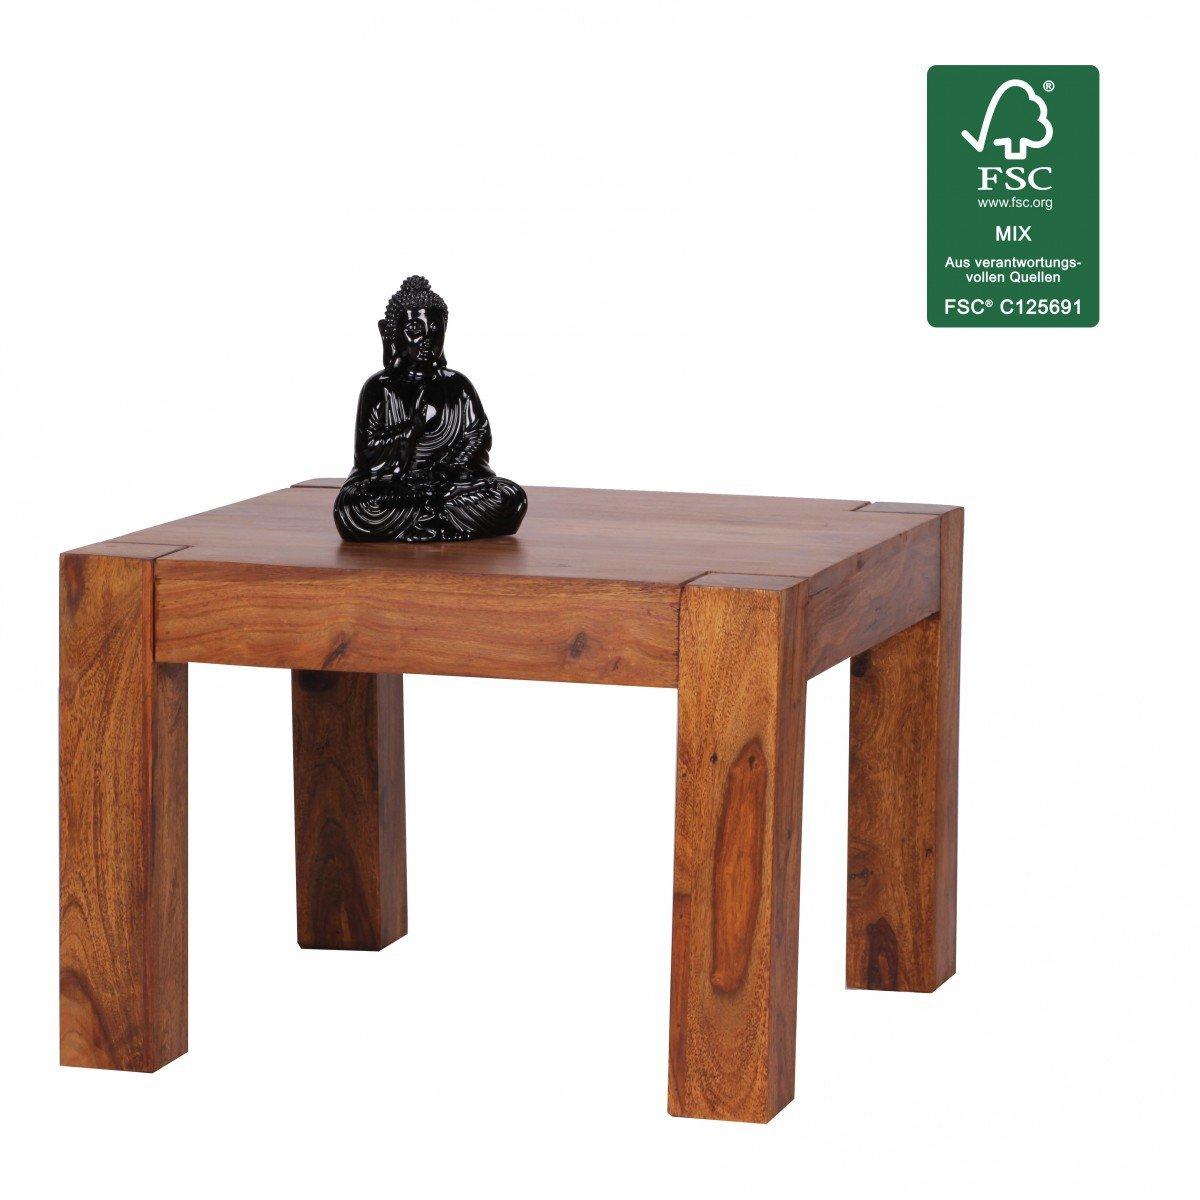 FineBuy Couchtisch Massiv Holz Sheesham 60 Cm Breit Wohnzimmer Tisch Design Dunkel Braun Landhaus Stil Beistelltisch Natur Produkt Wohnzimmermbel Unikat